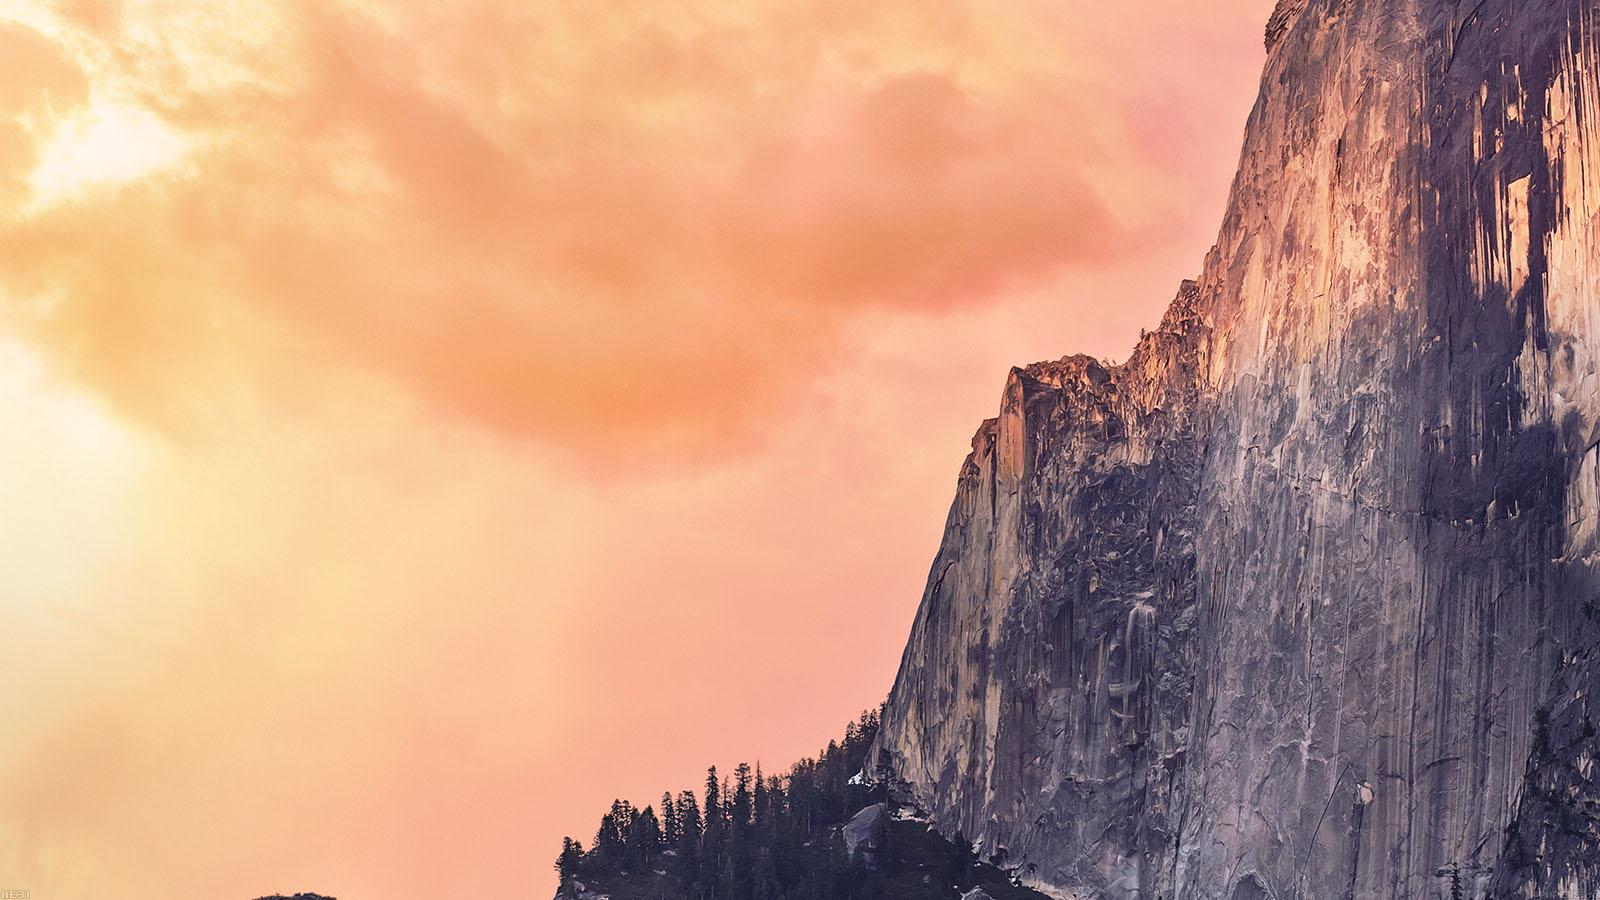 Desktoppapers Co Ae31 Yosemite Red Sunset Mac Wallpaper Os X